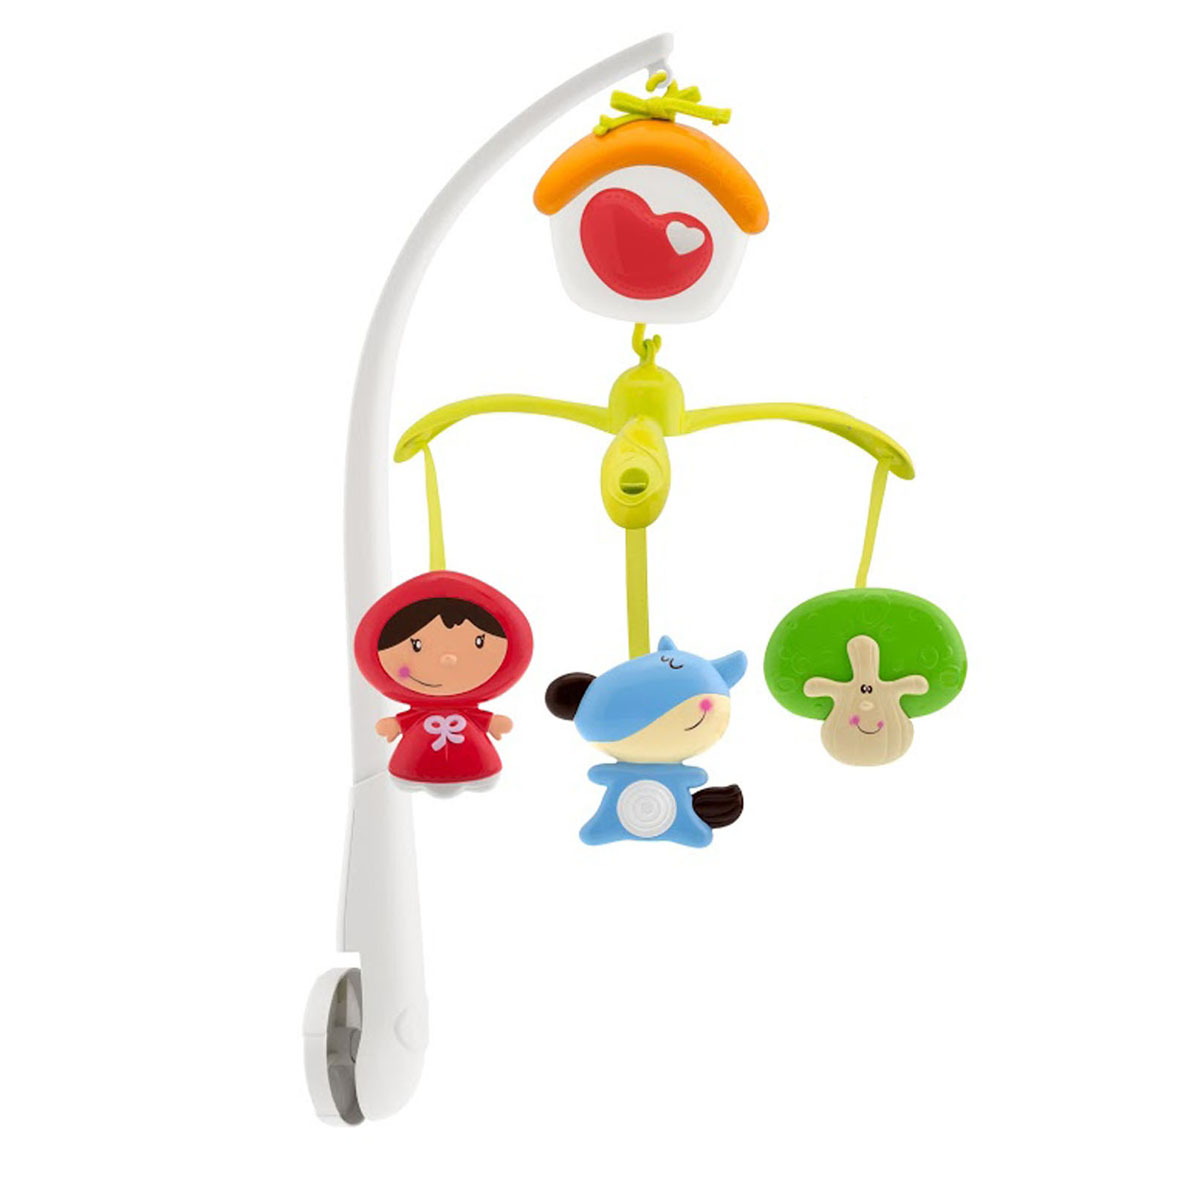 Музыкальный мобиль Chicco Красная шапочка музыкальный мобиль baby mix мишки на волнах 423